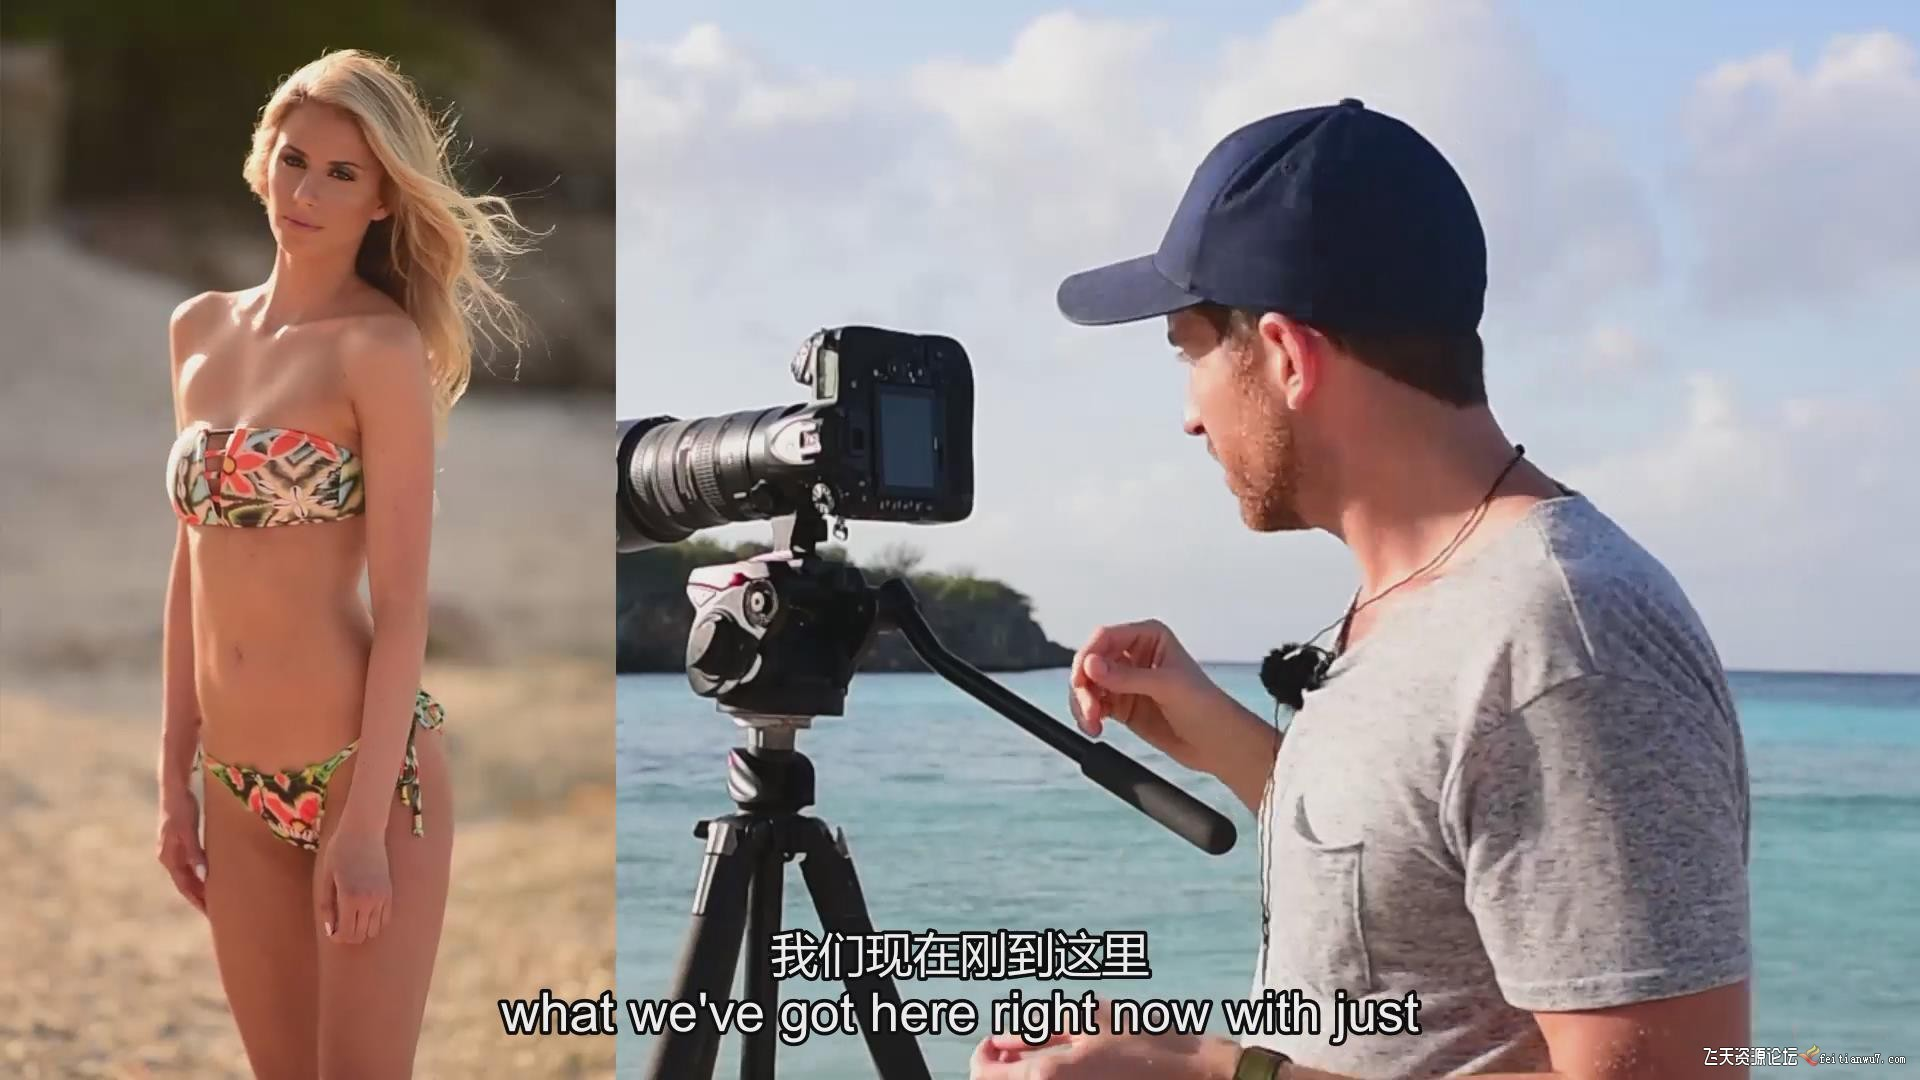 摄影教程_Fstoppers - Joey Wright商业泳装摄影-布光摆姿修饰教程(中英字幕) 摄影教程 _预览图12